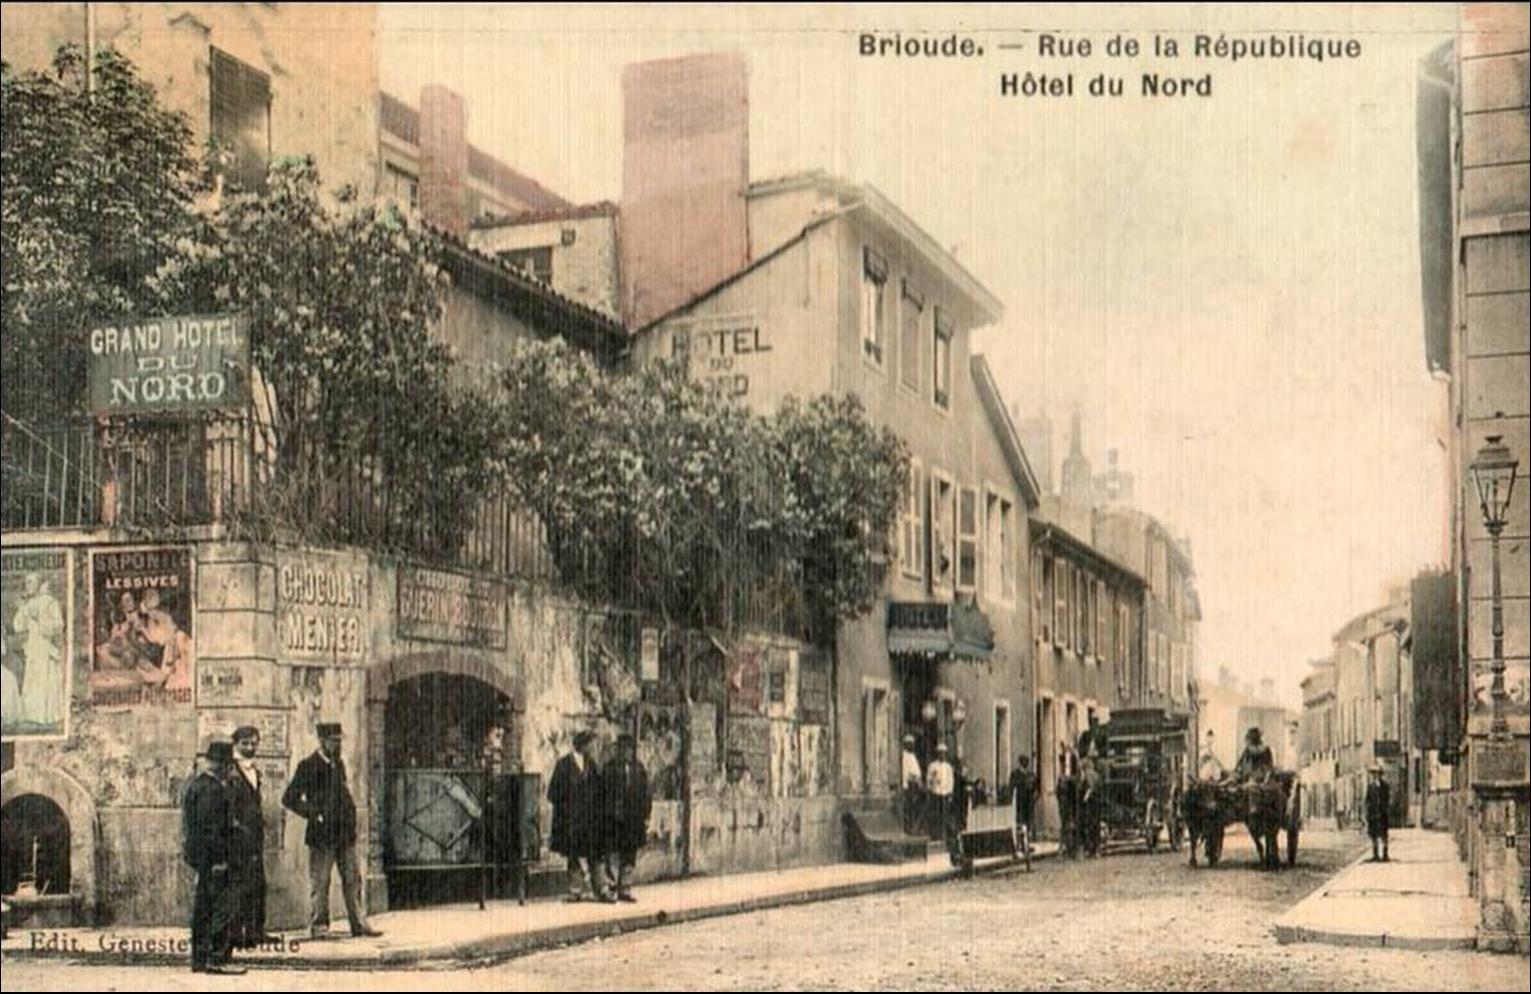 Quelques rues de Brioude d'hier et d'aujourd'hui